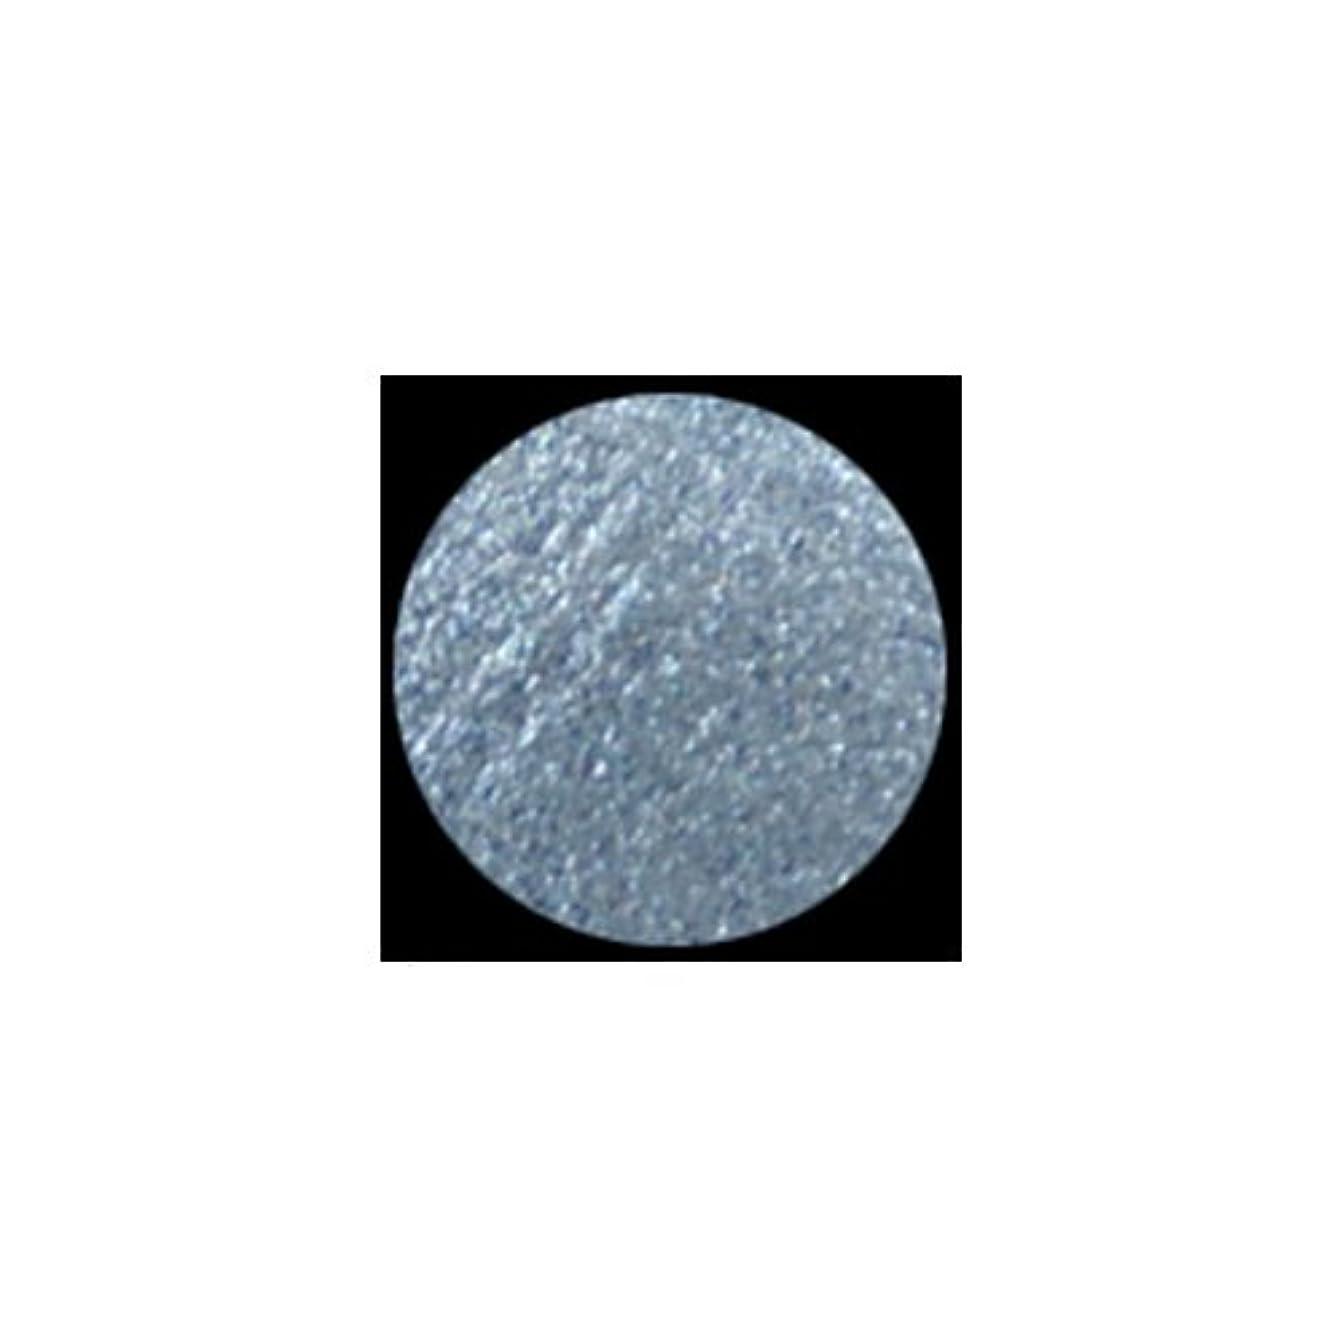 反対に向かって極端なKLEANCOLOR American Eyedol (Wet/Dry Baked Eyeshadow) - Glitter Sapphire (並行輸入品)